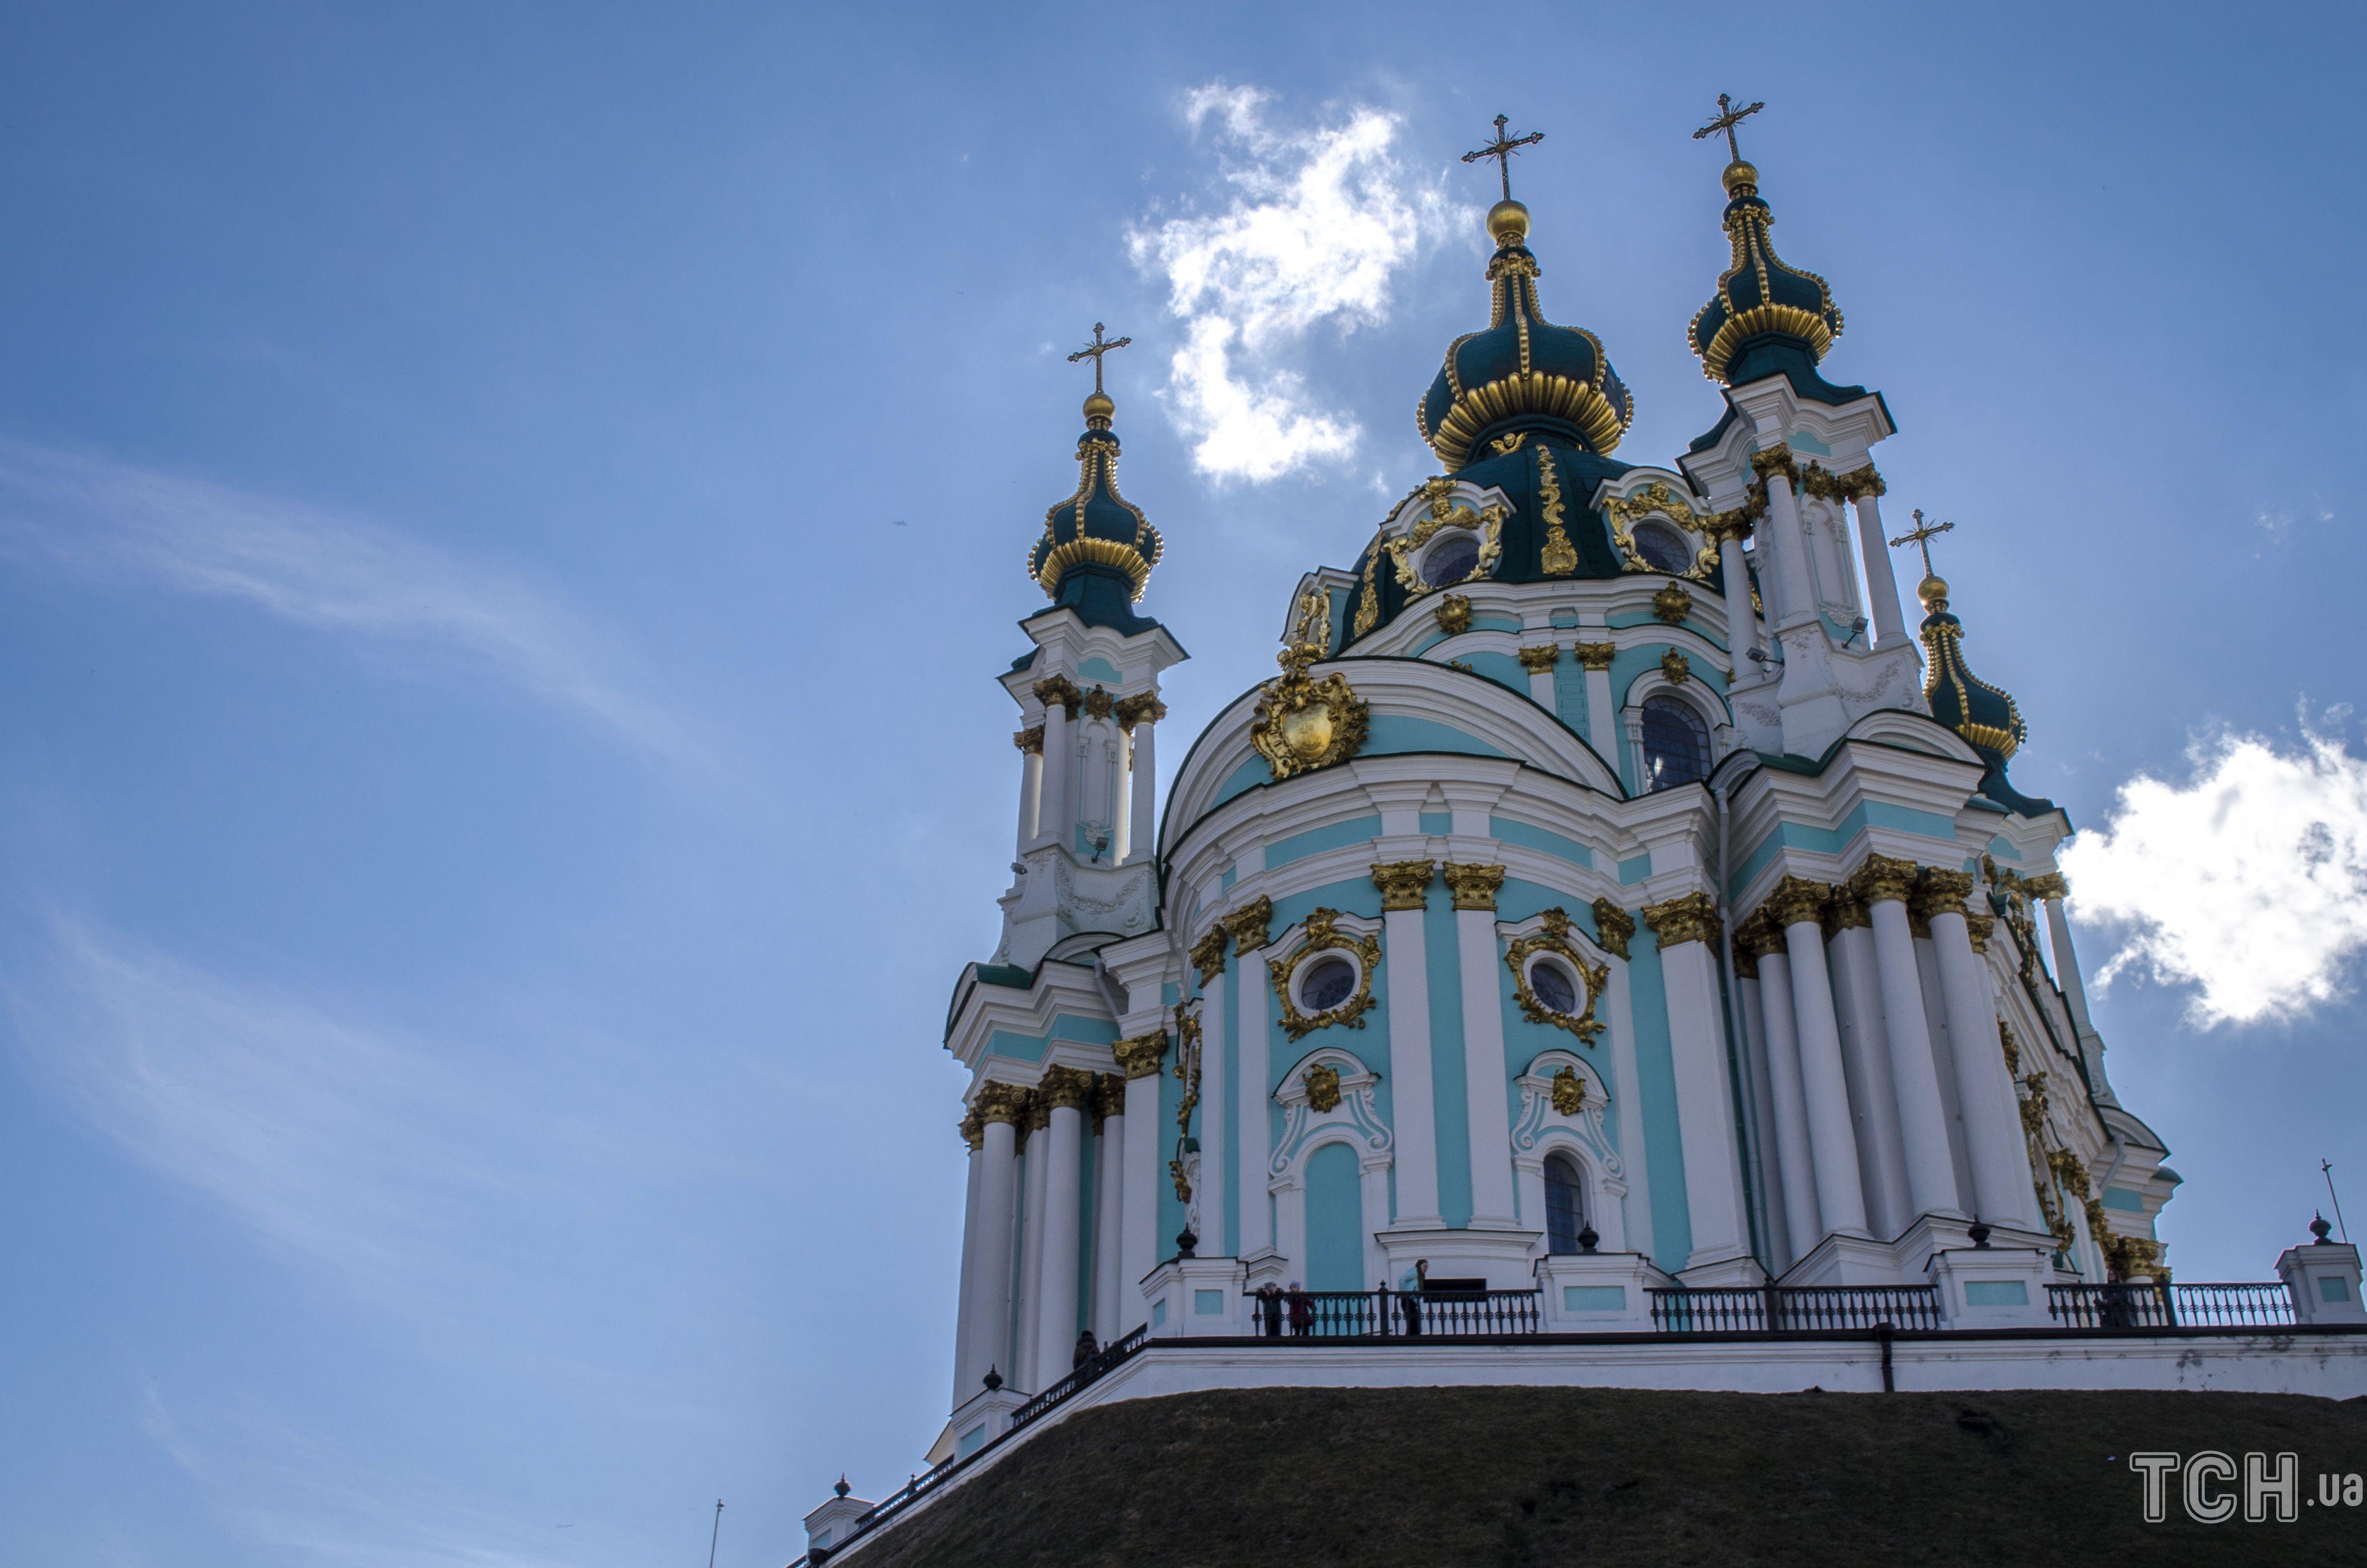 Андріївська церква, Андріївський узвіз, Київ